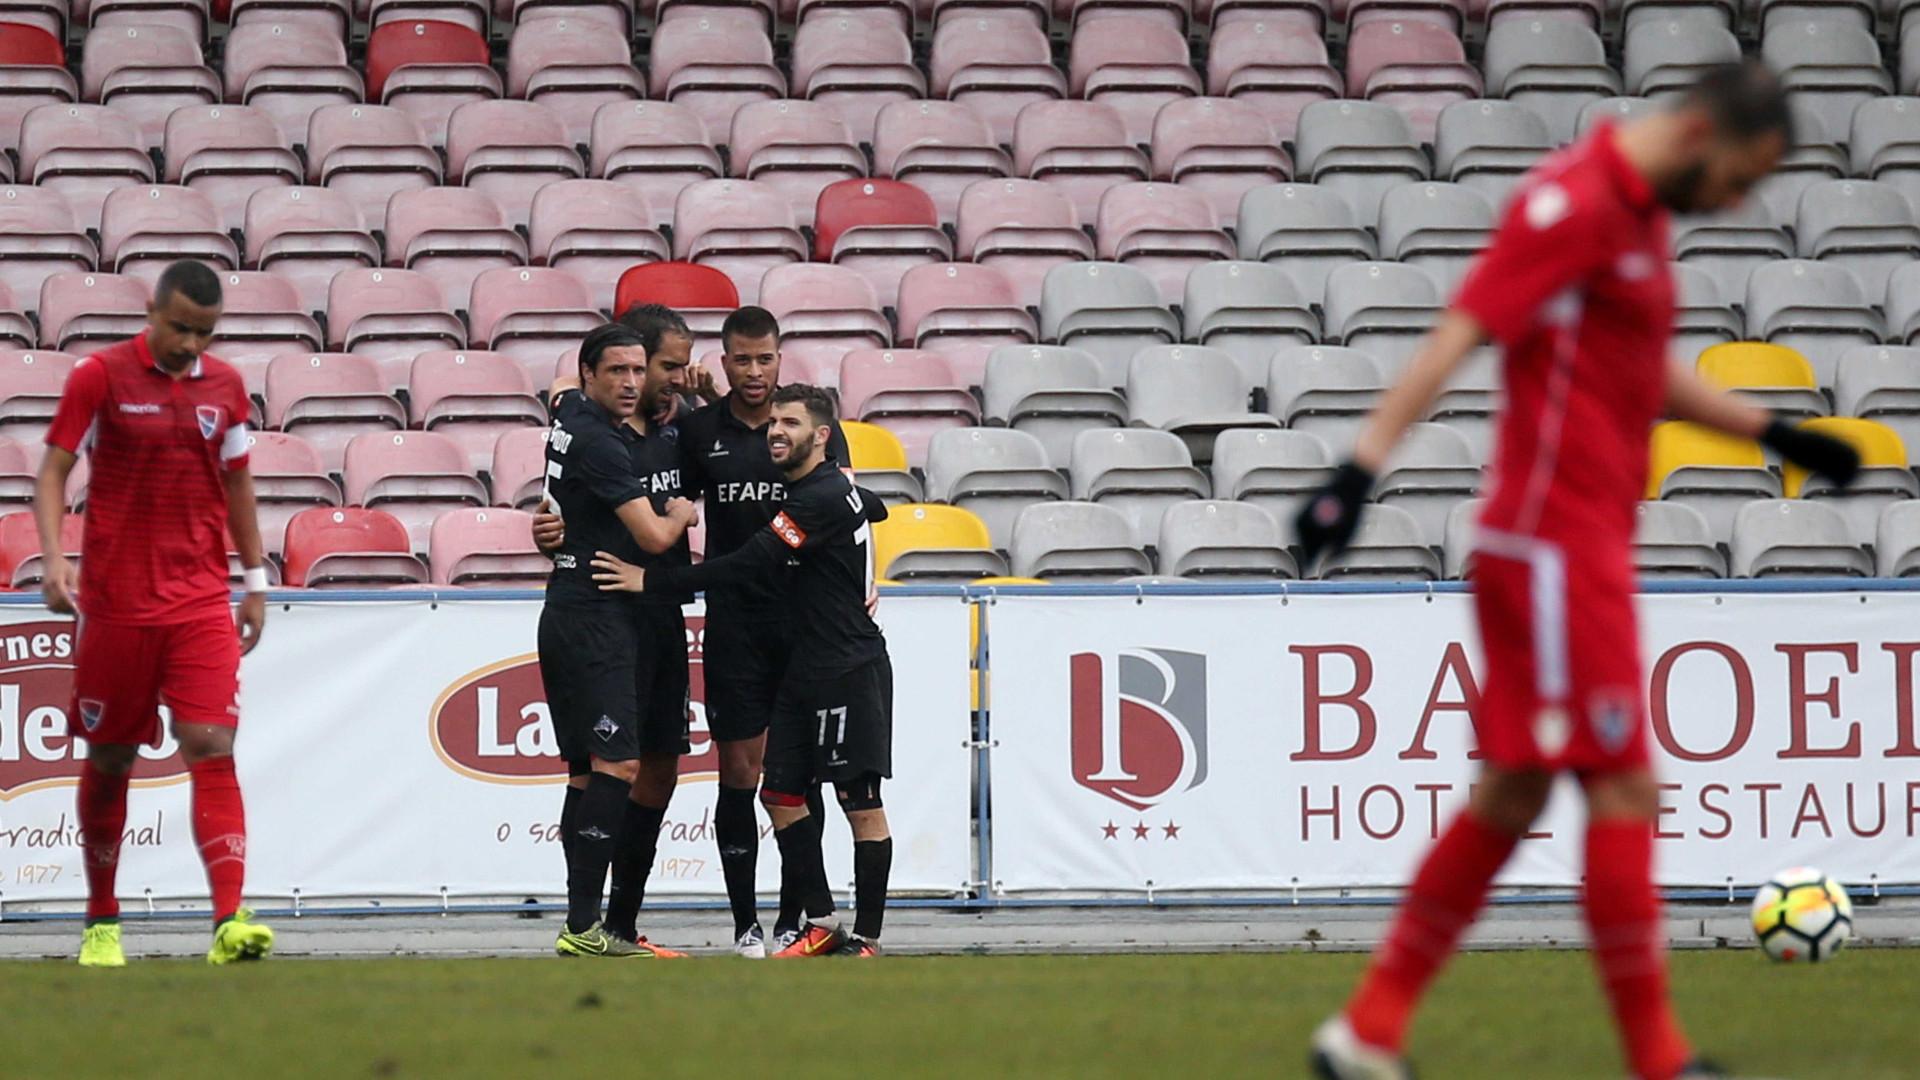 II Liga: Resultados e marcadores da 24.ª jornada